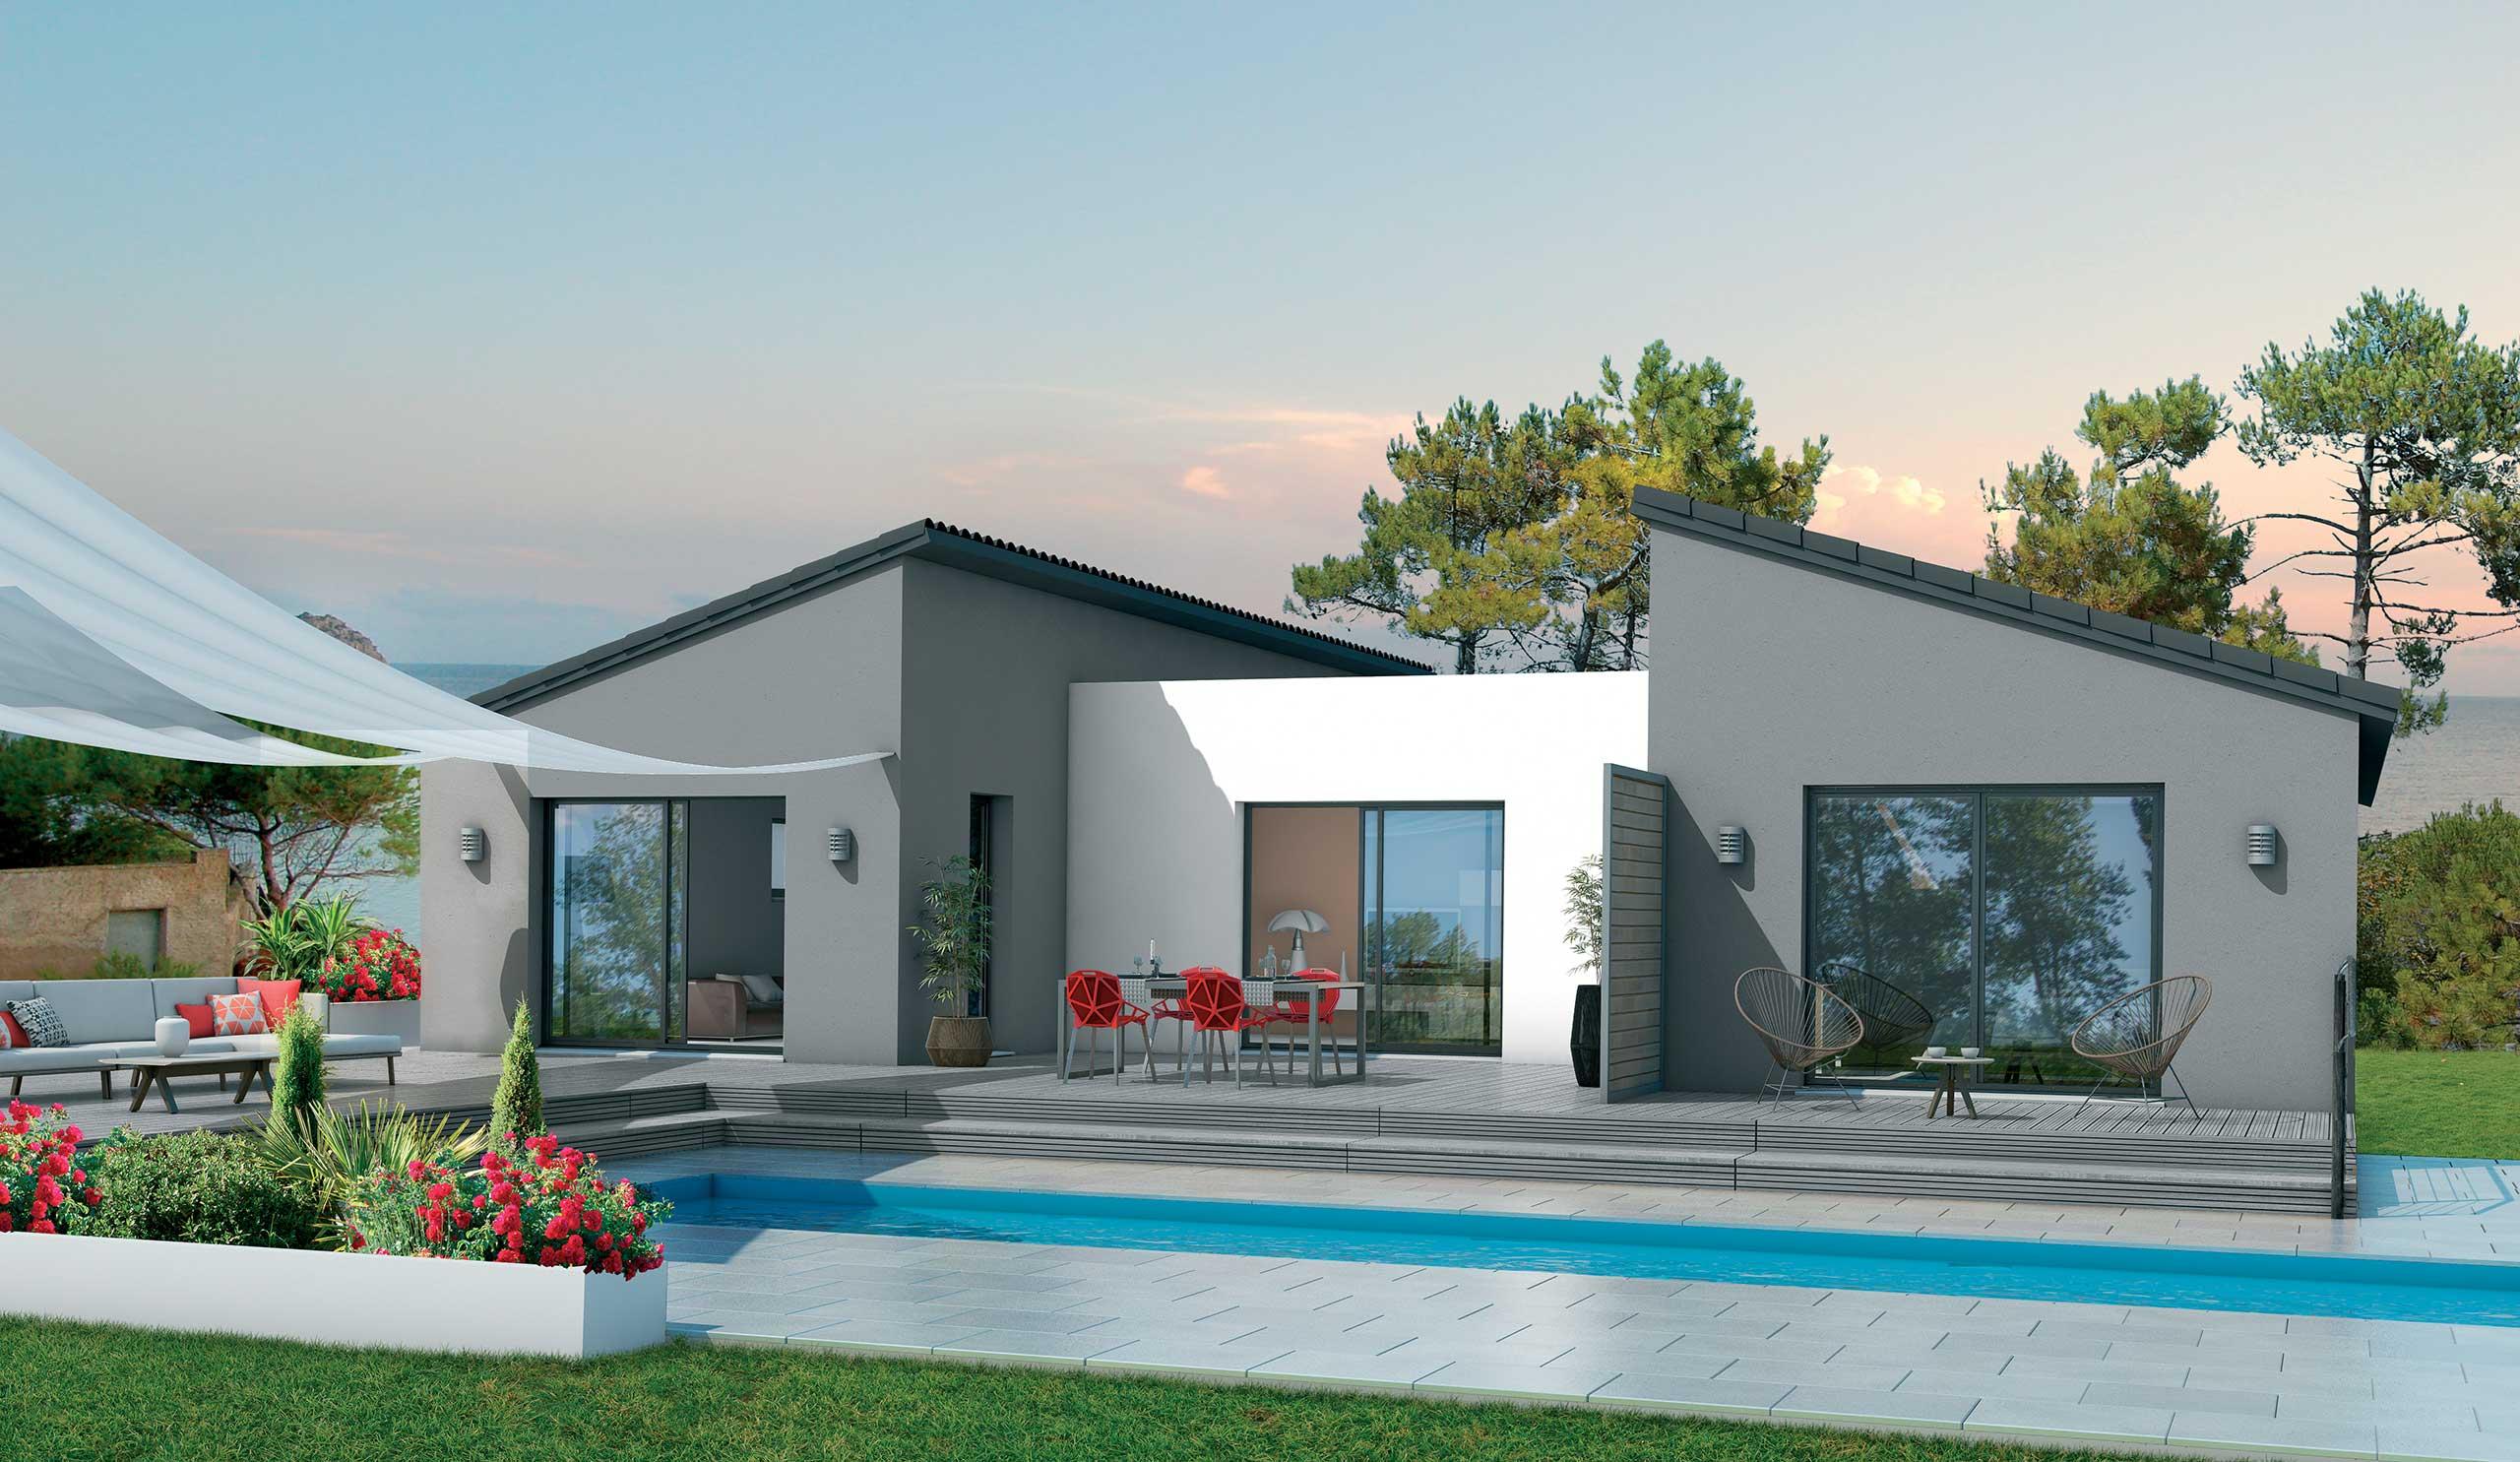 maison modèle de maison hévéa : une architecture soignée et moderne